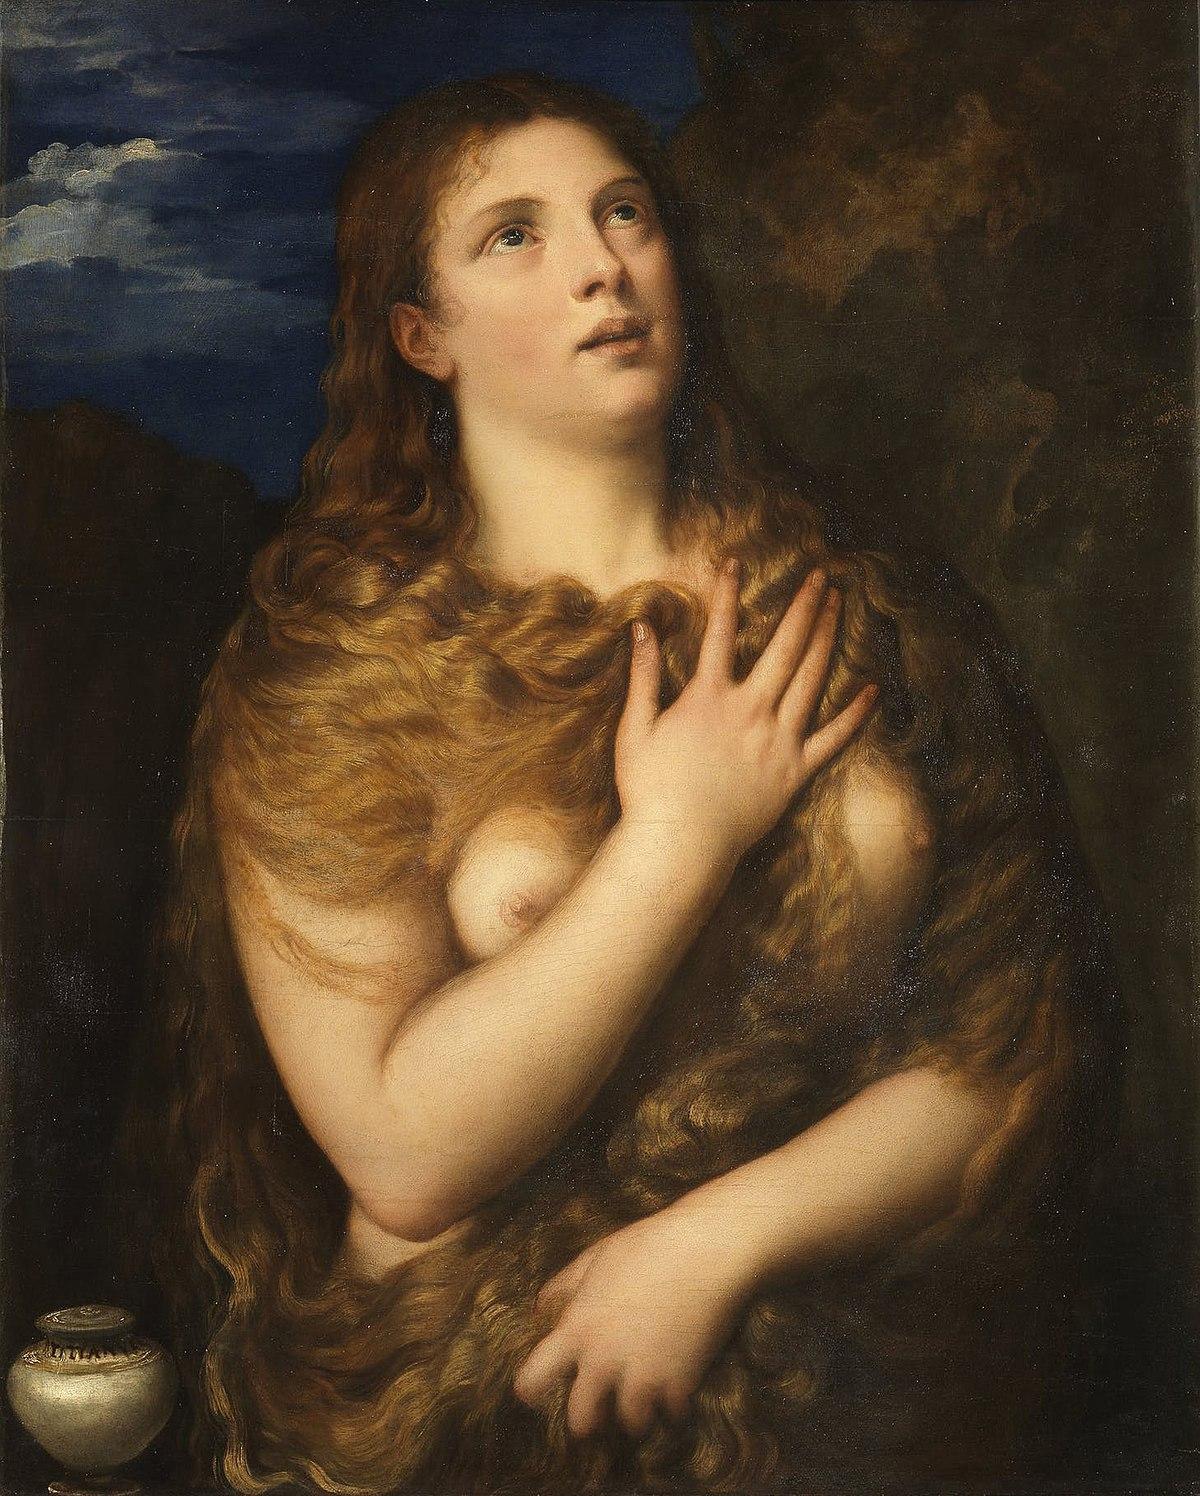 Magdalena penitente, por Tiziano.jpg